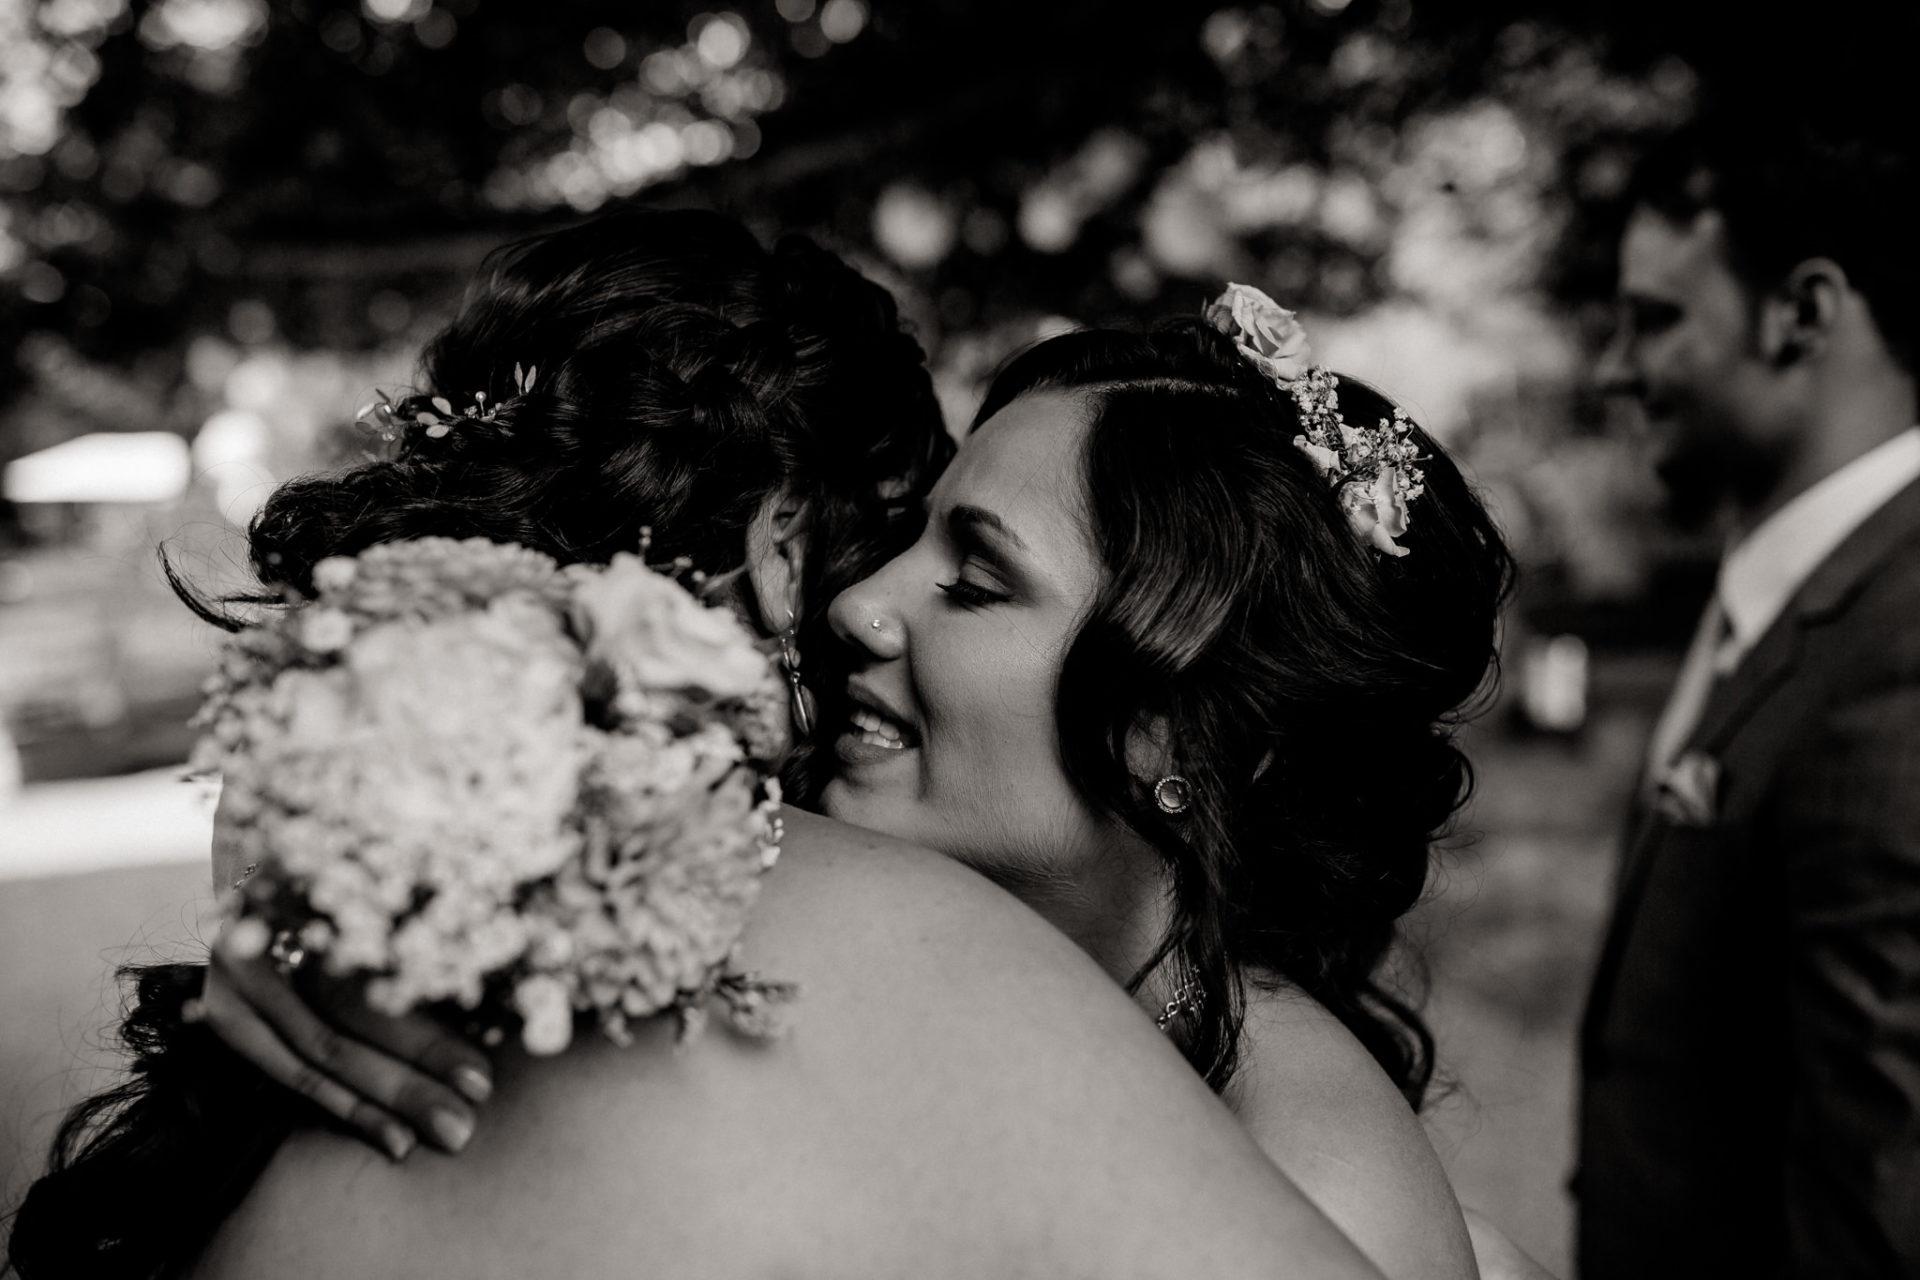 hochzeitsfotograf schloss heinsheim-elegant heiraten-Schafstall Heinsheim-Natürliche Portraits-Umgestellte Hochzeitsbilder-Gratulationen